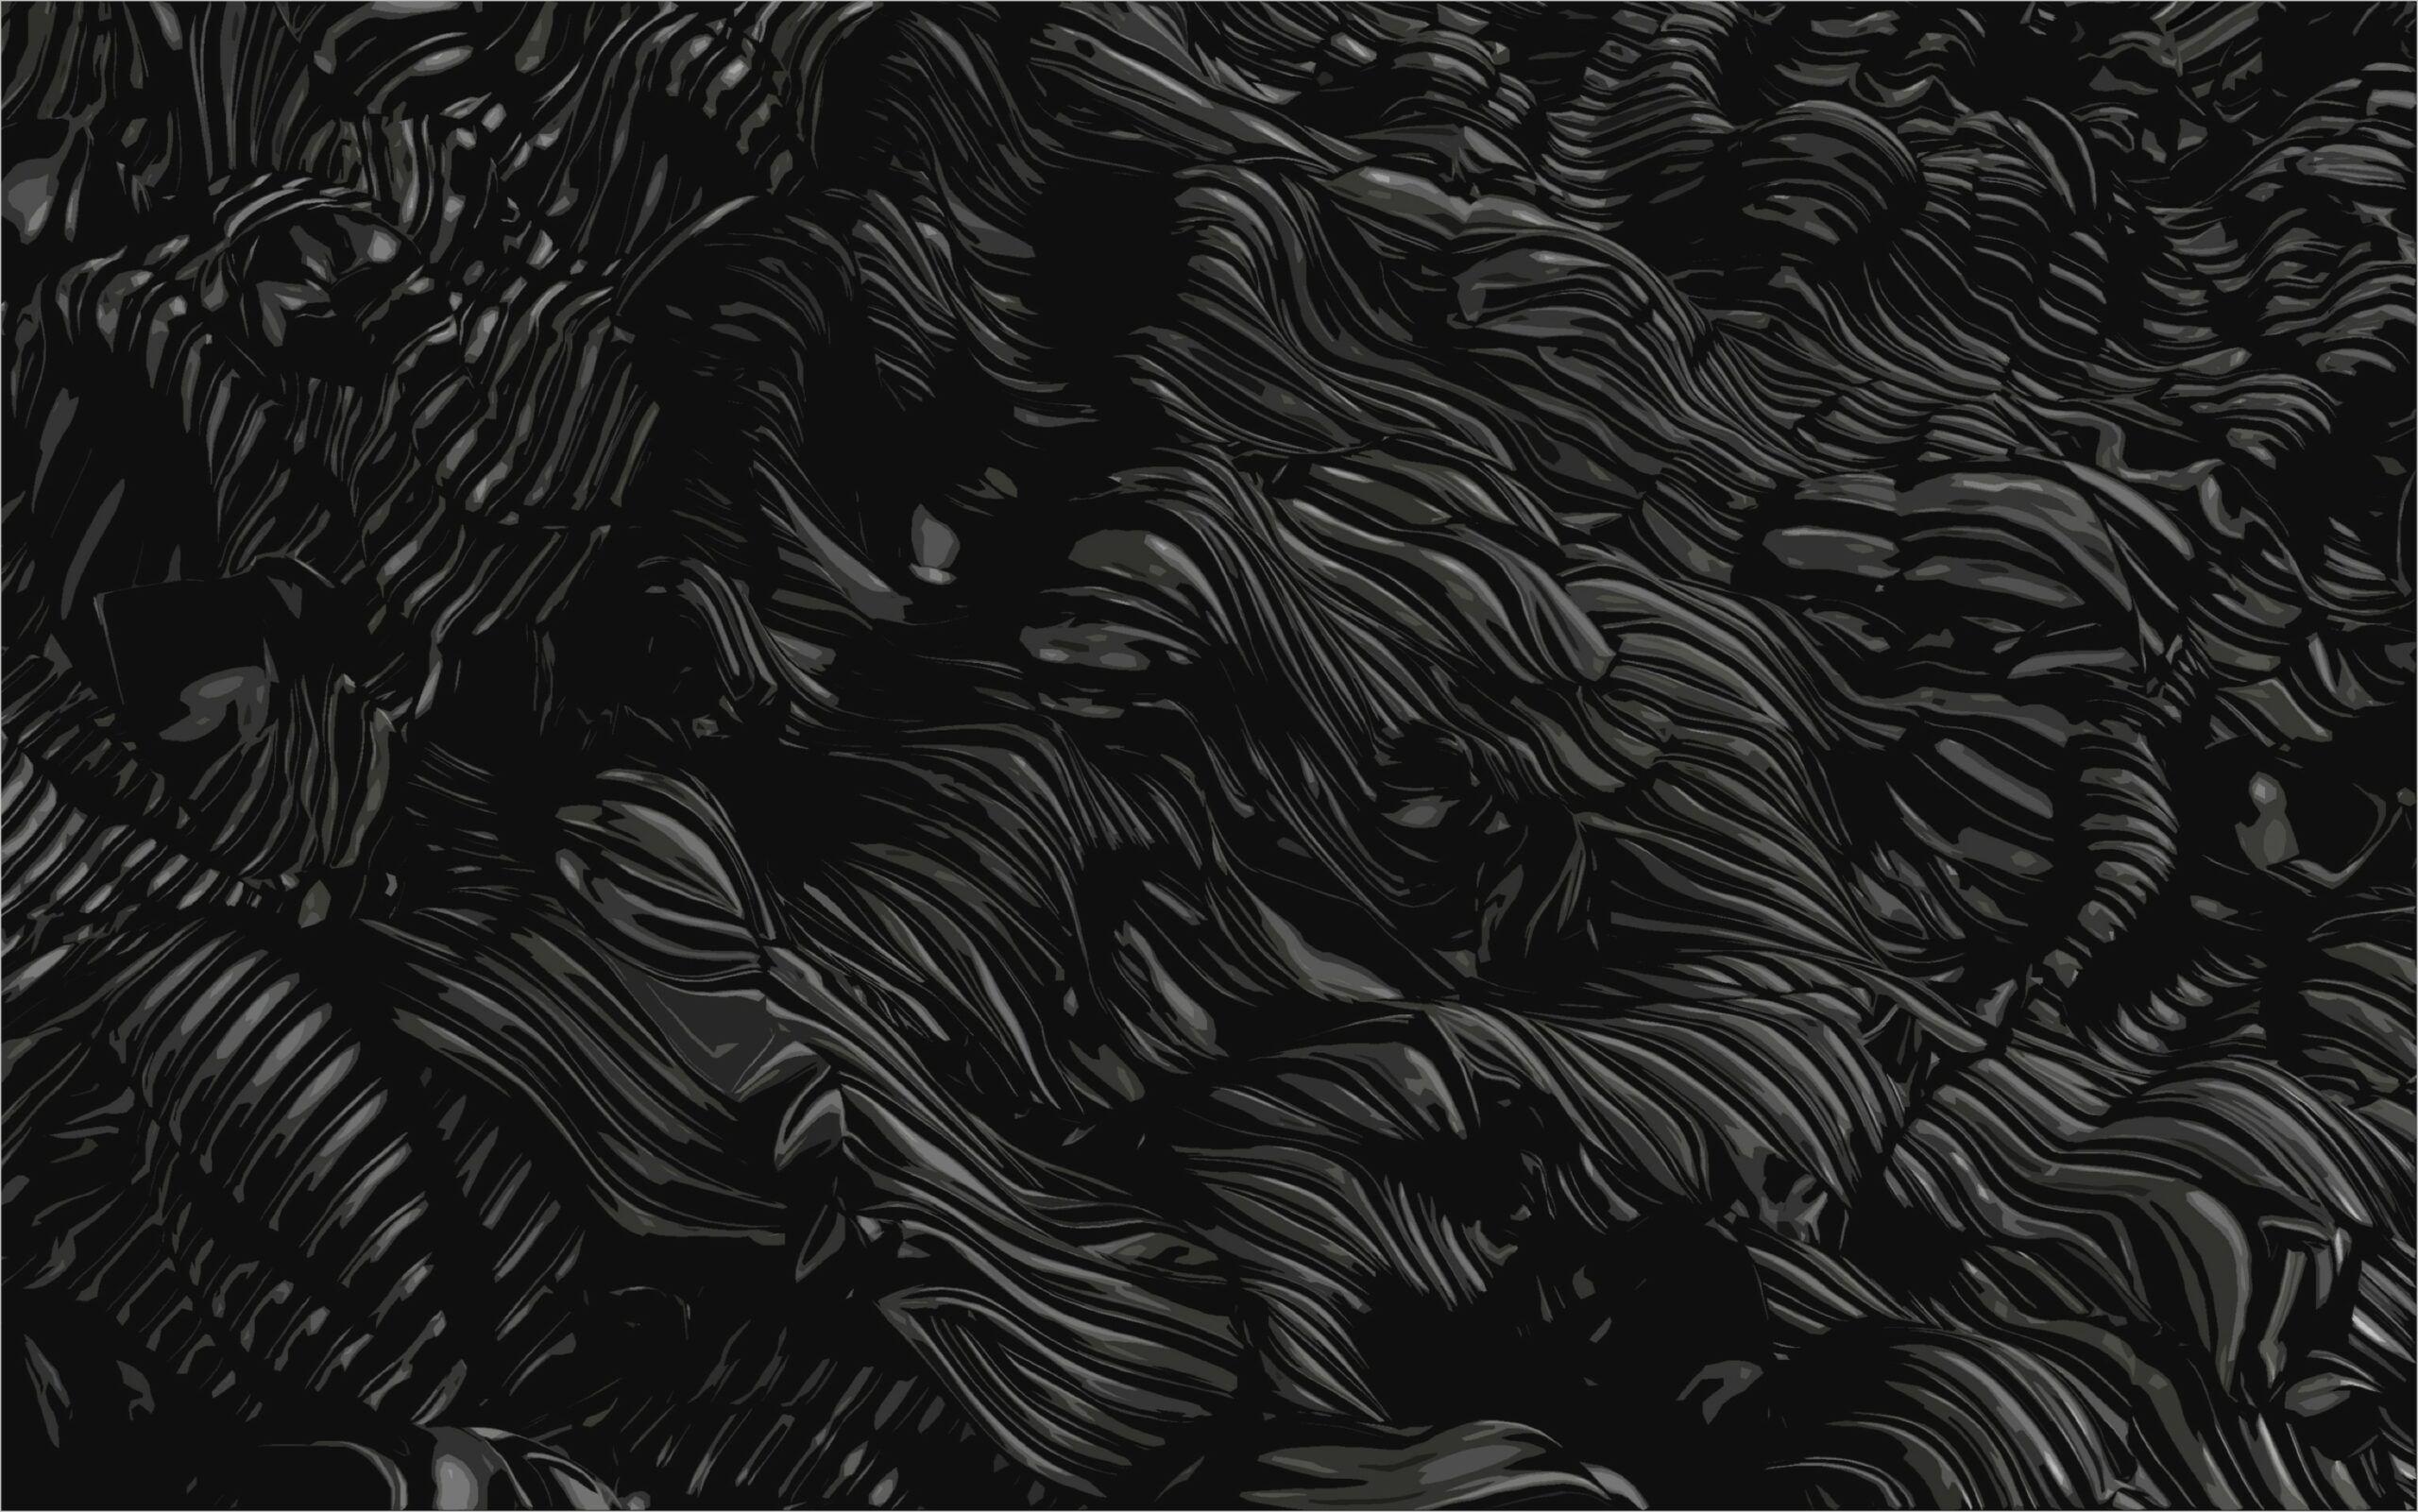 Abstract Dark 4k Wallpaper In 2020